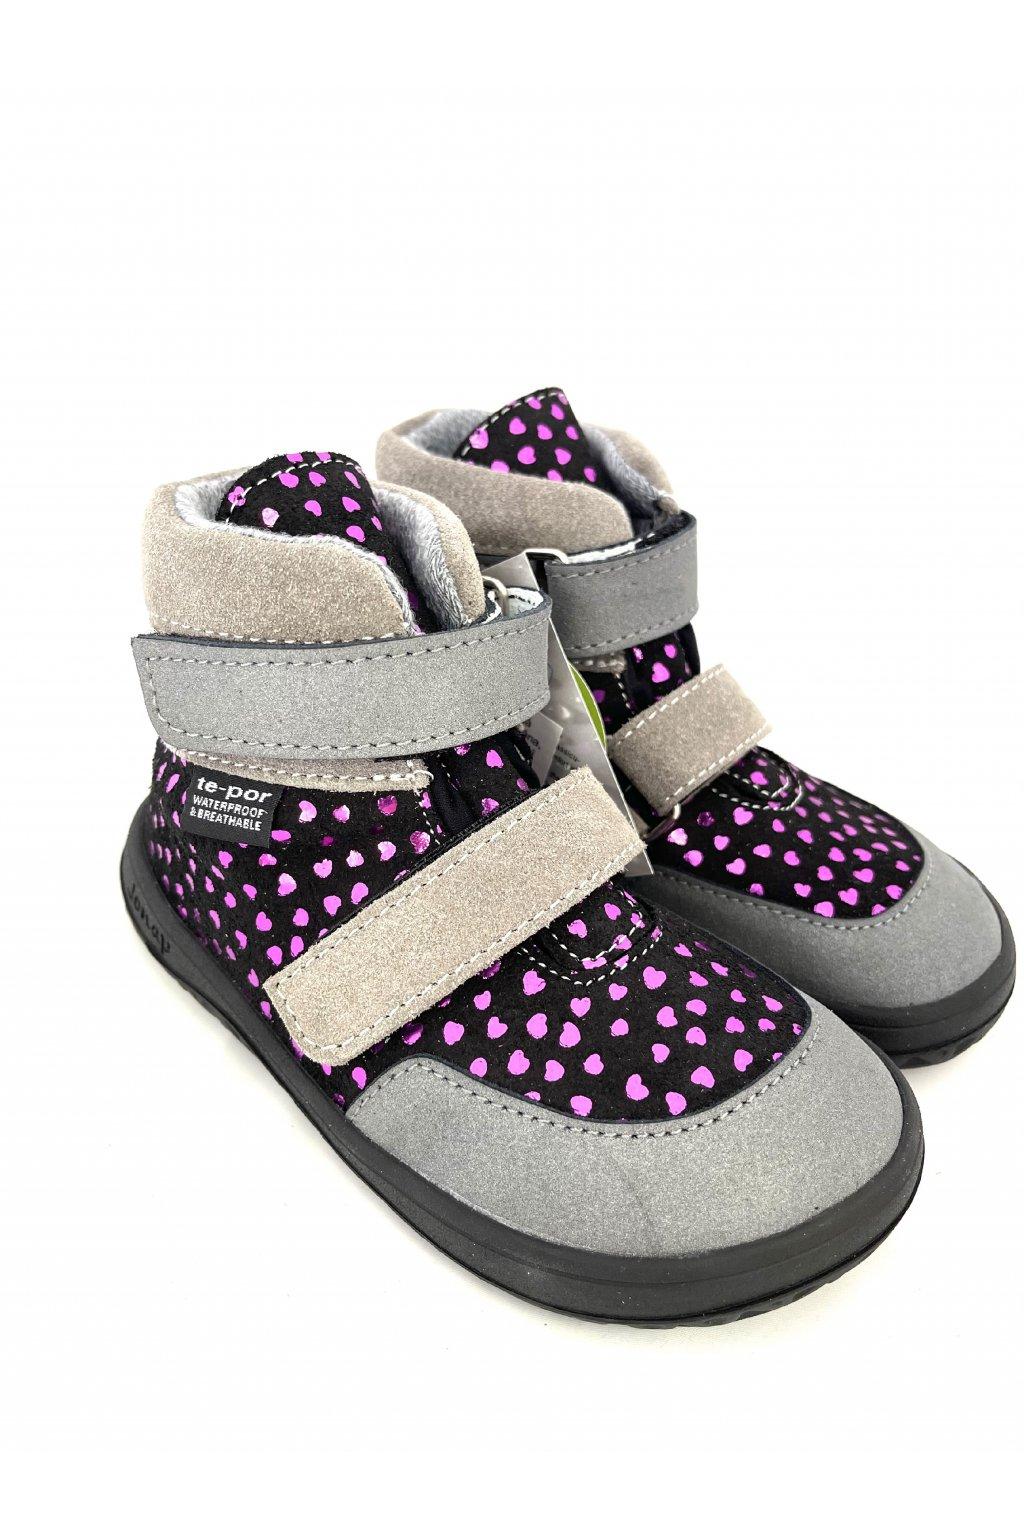 Celoročné topánky Jonap Jerry Čierne srdiečko + TEX mambrána